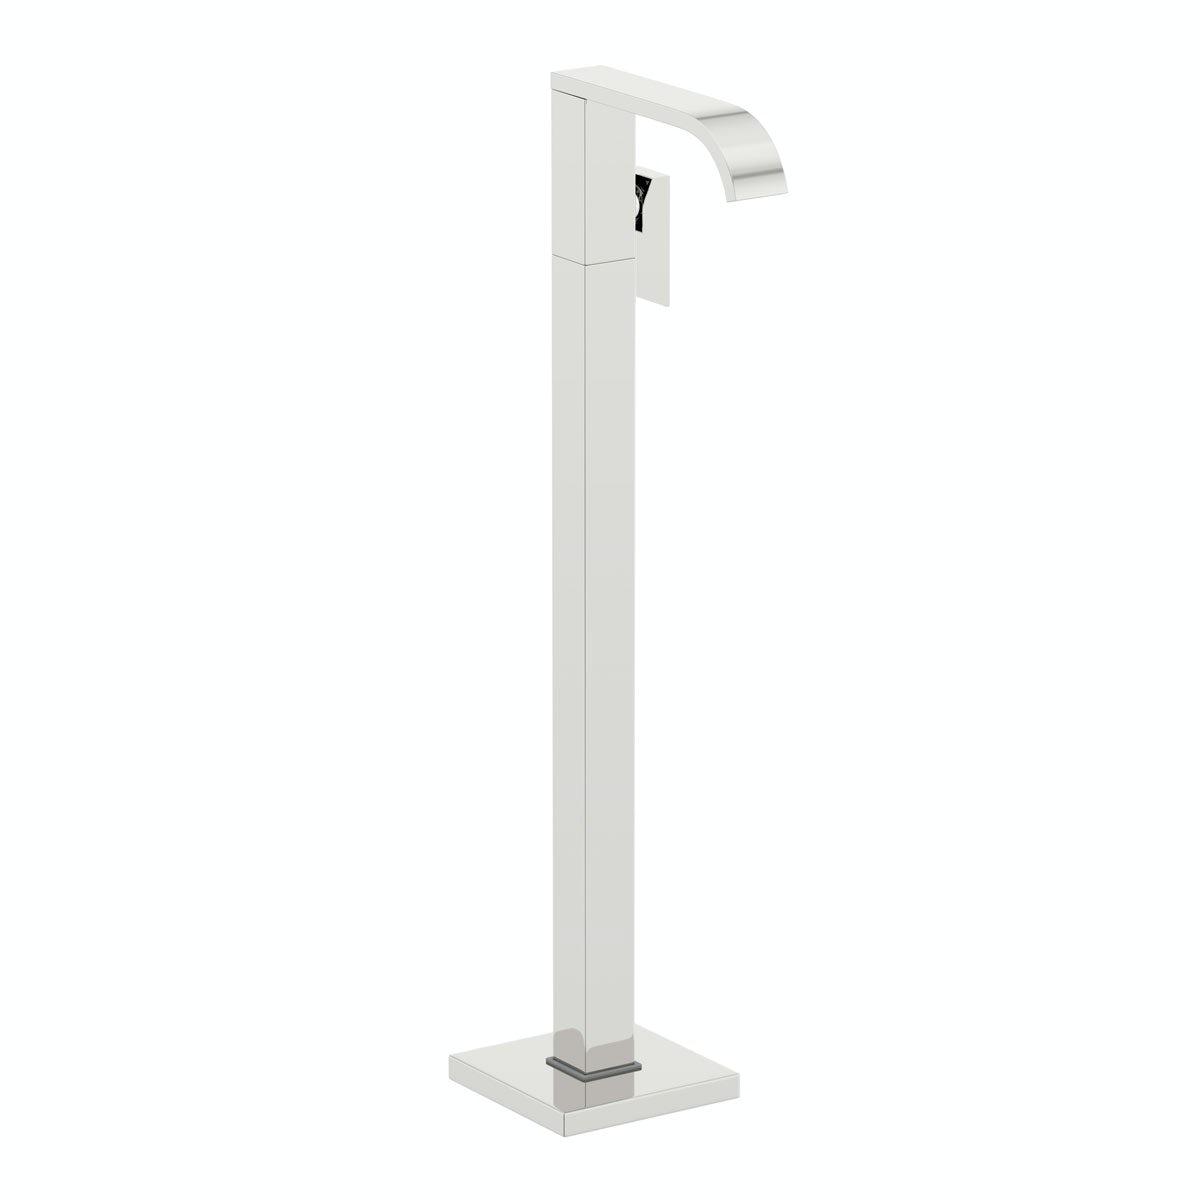 Mode Flex freestanding bath filler tap